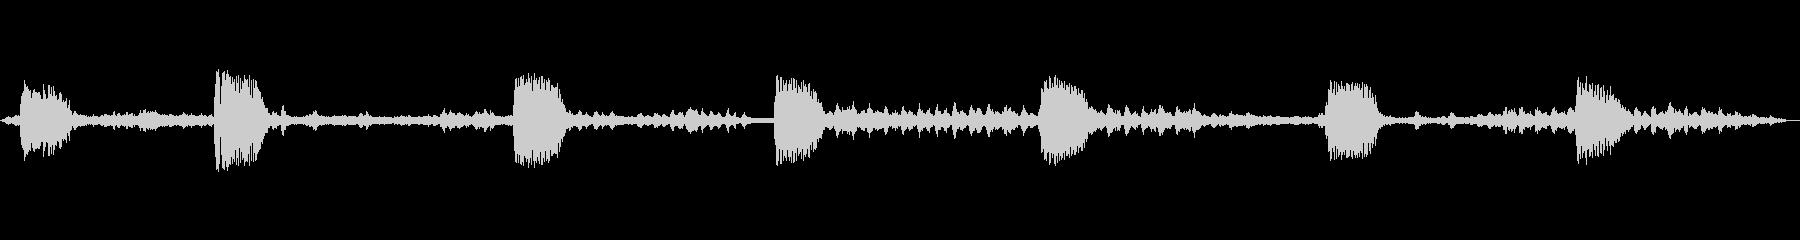 コマドリ 乗鞍高原の未再生の波形